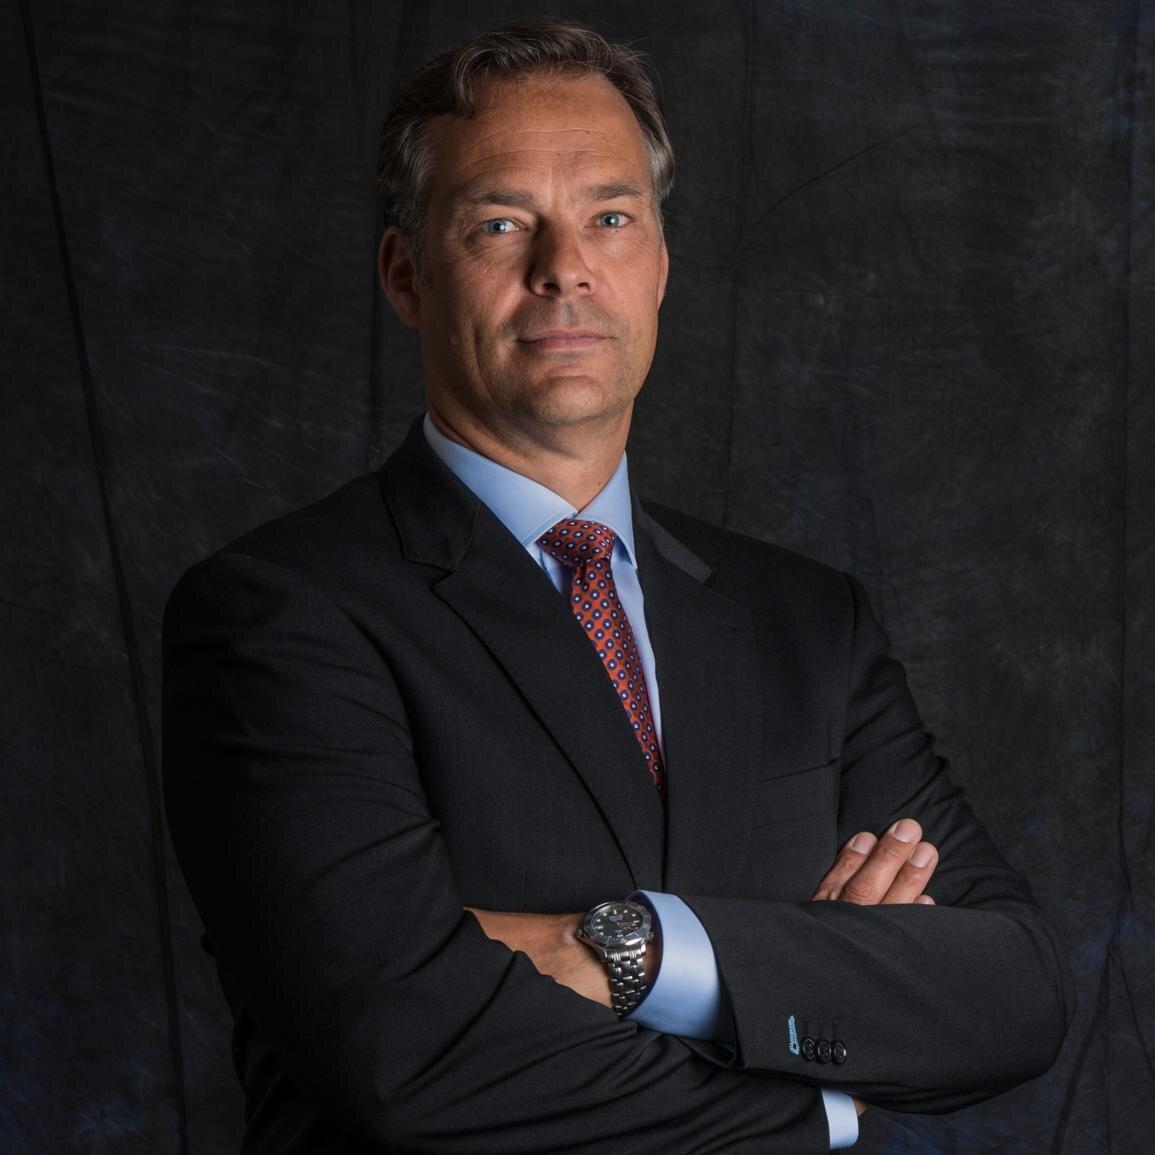 Erik Diekmeier